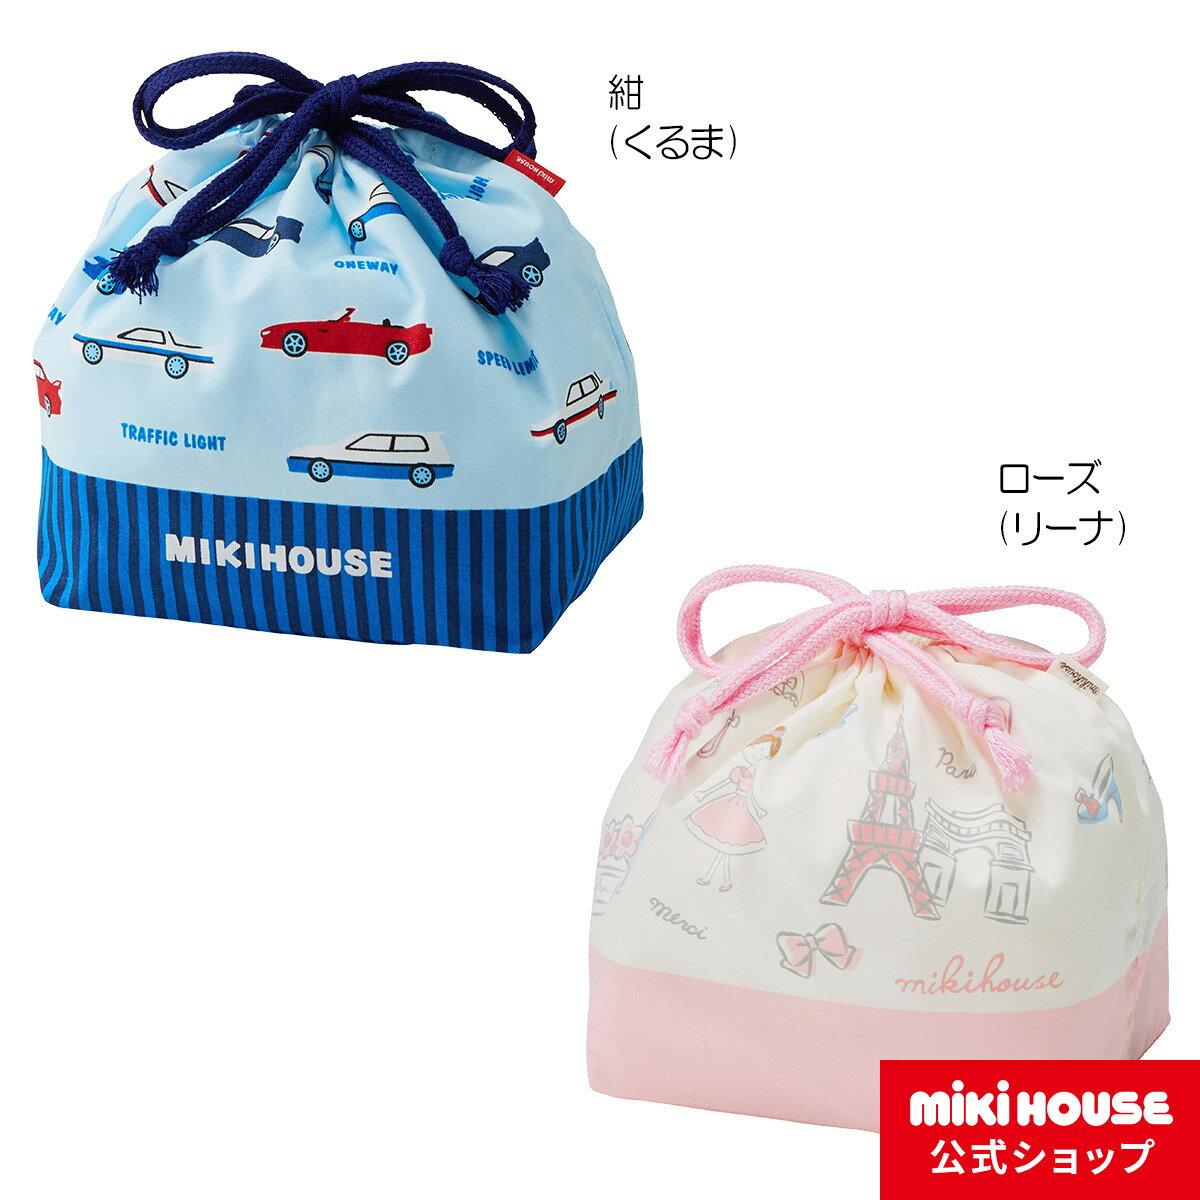 ミキハウス mikihouse ランチバッグ(底板付き)